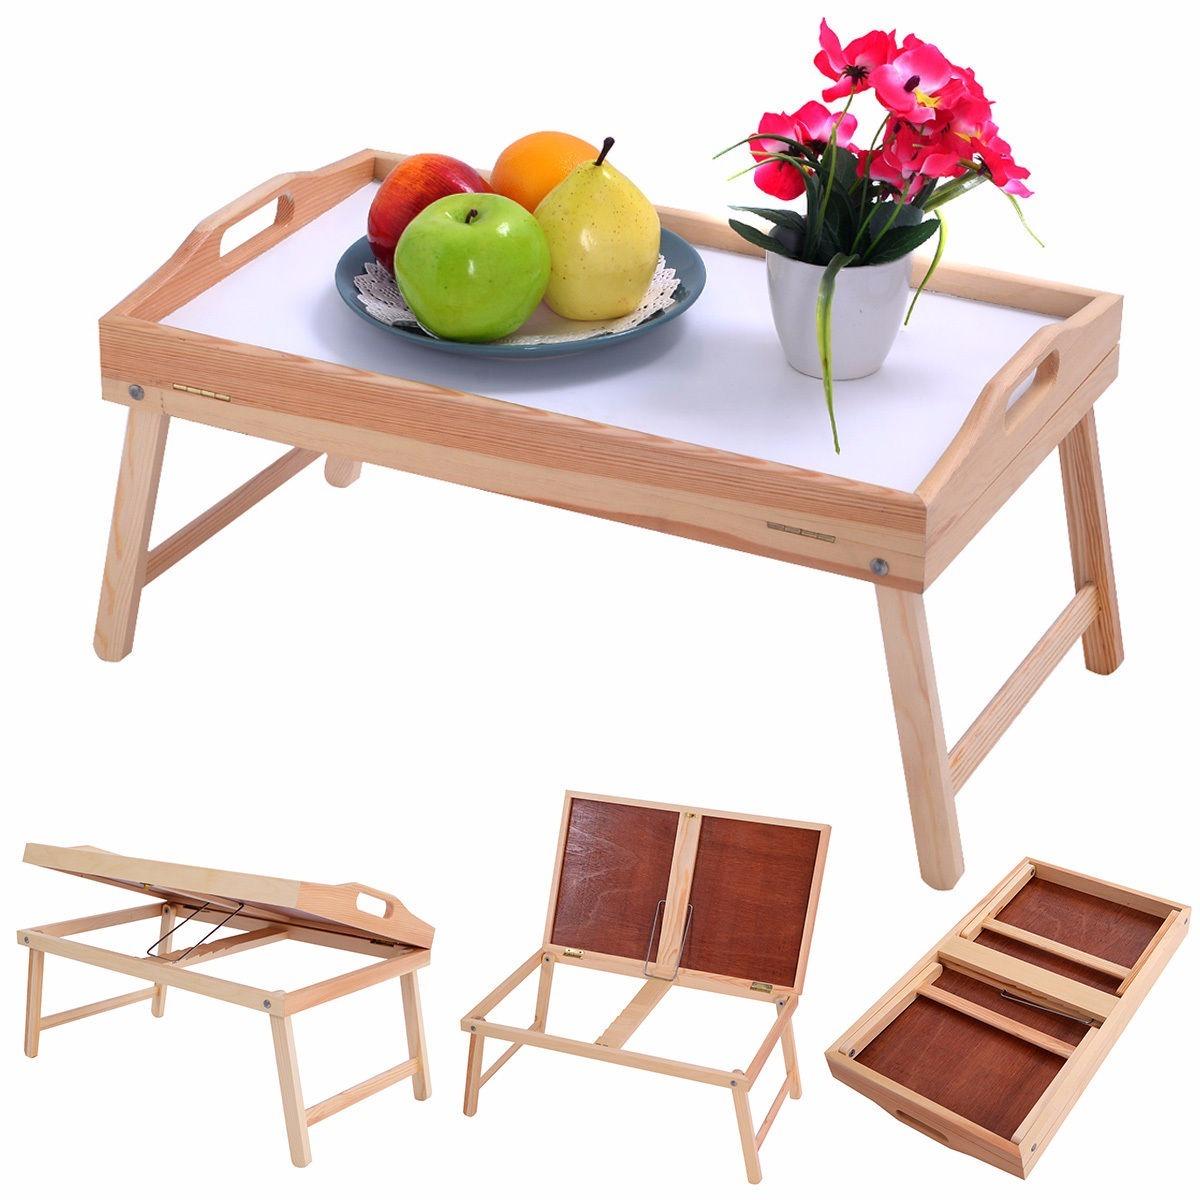 Bandeja charola mesa plegable para desayuno en la cama 1 en mercado libre - Bandeja desayuno cama ...